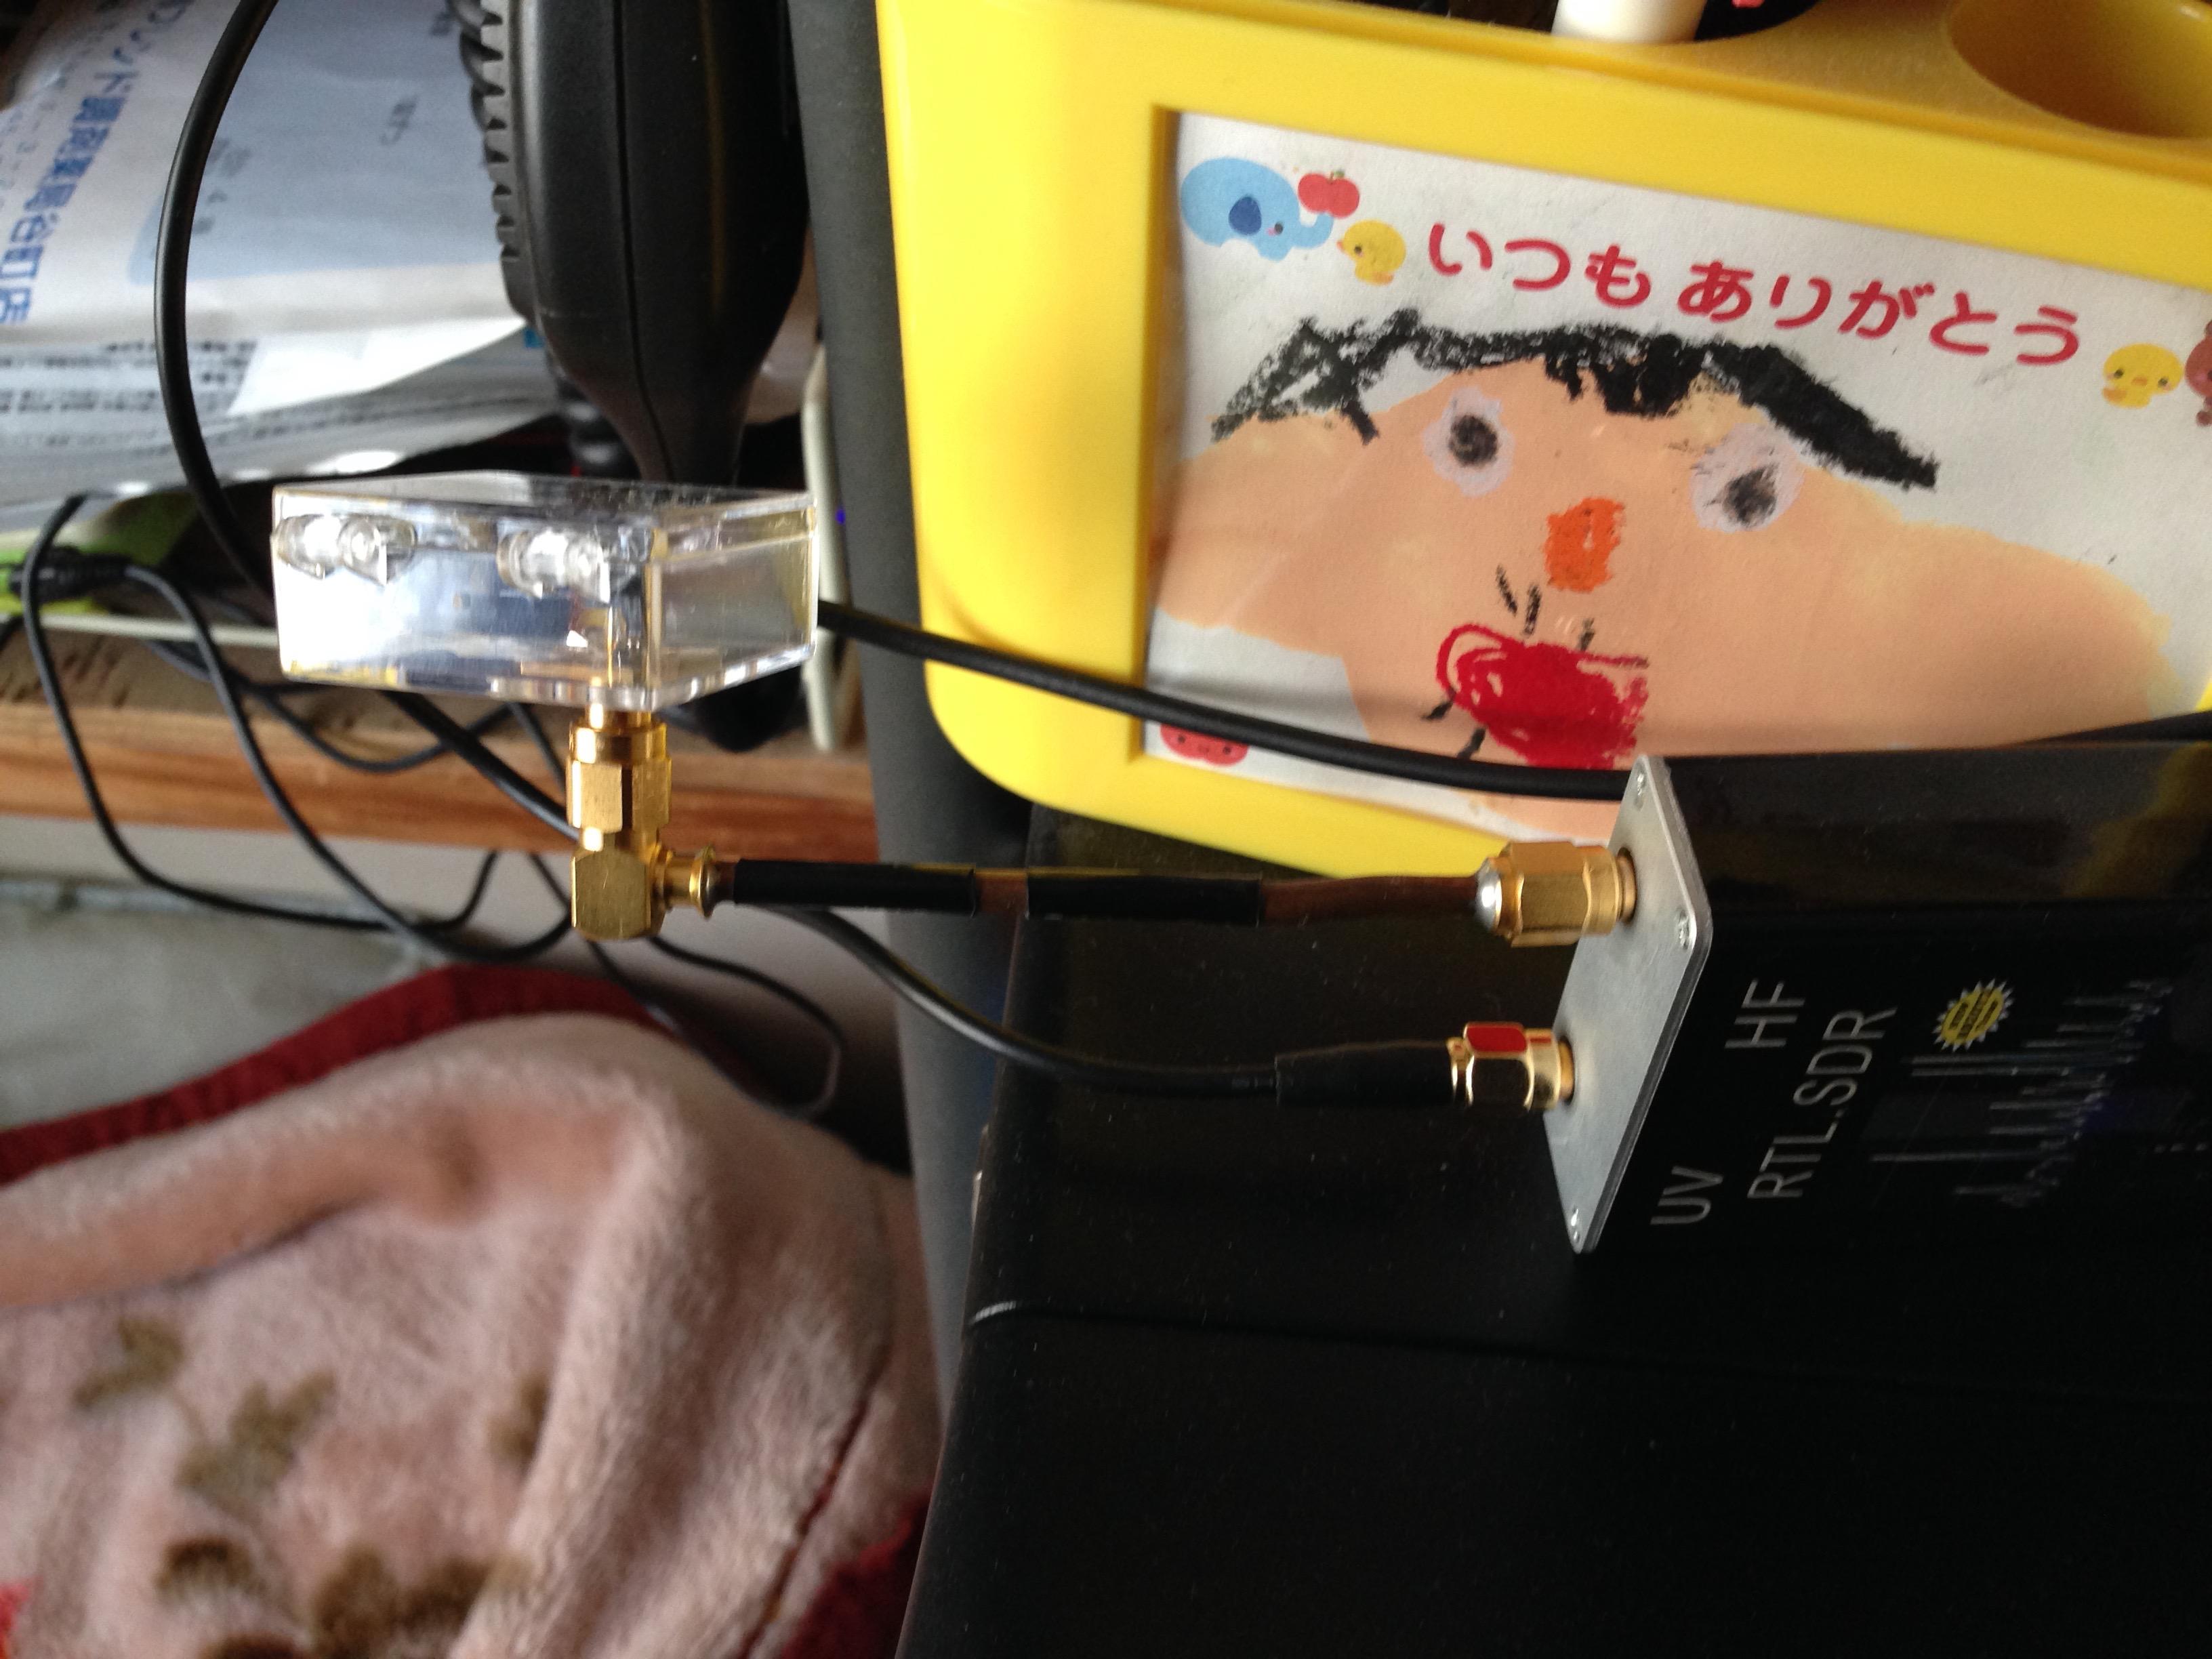 http://kozaisoft.com/blog/2016/12/25/IMG_2218.jpg